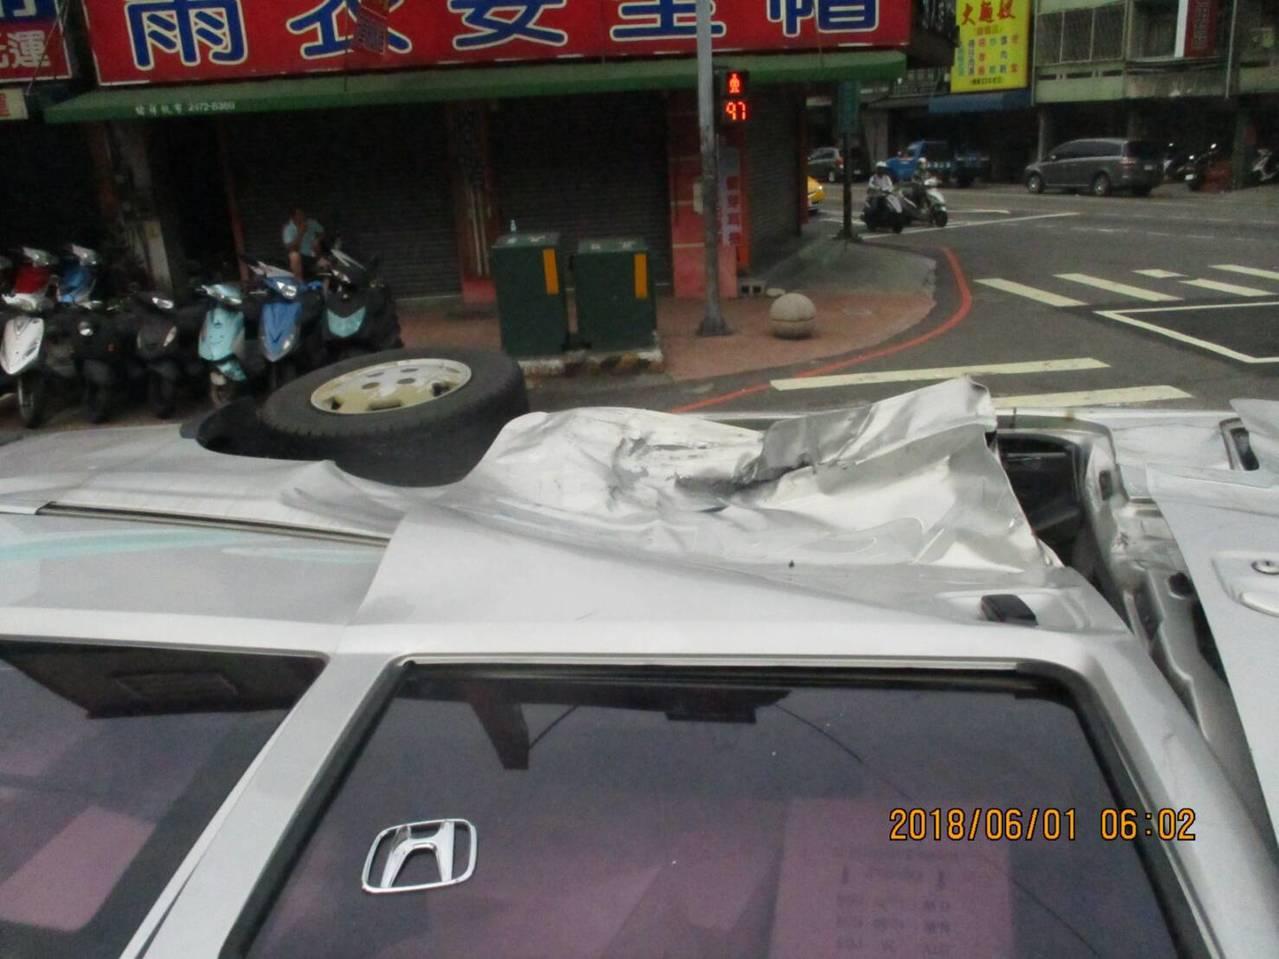 台中市西屯區台灣大道、黎明路口今天上午5時許,發生一起車禍,一輛貨車被撞翻,貨車...